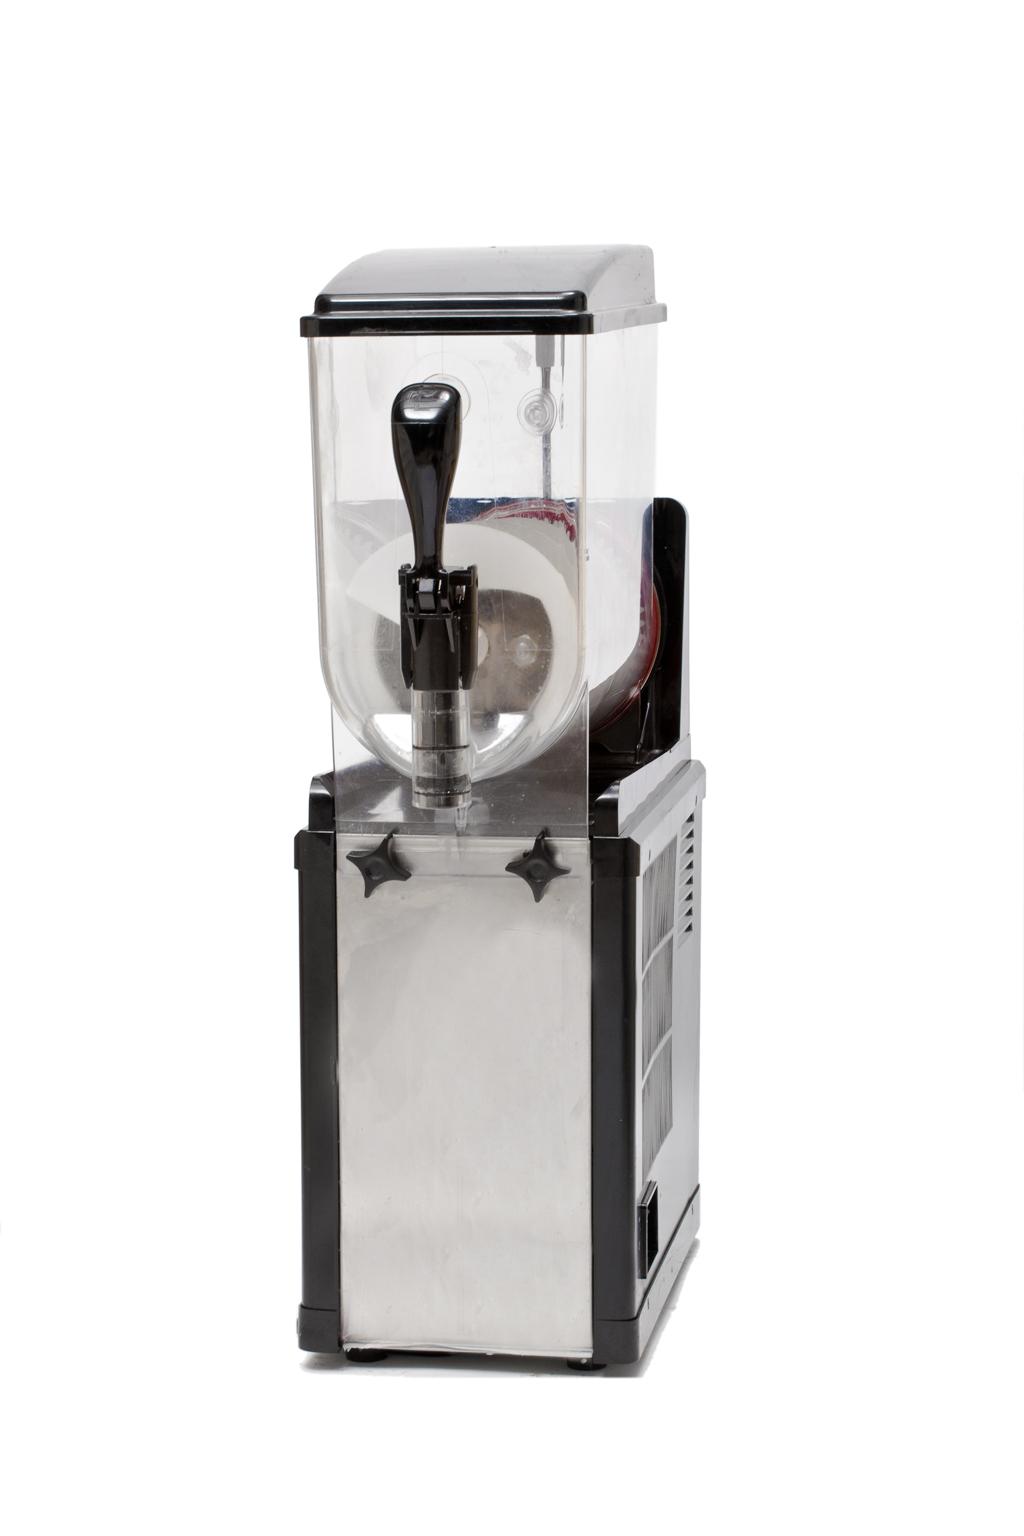 נפלאות ימבמבם - מכונת ברד ראש אחד, אטרקציות ליום הולדת וציוד לאירועים KY-69